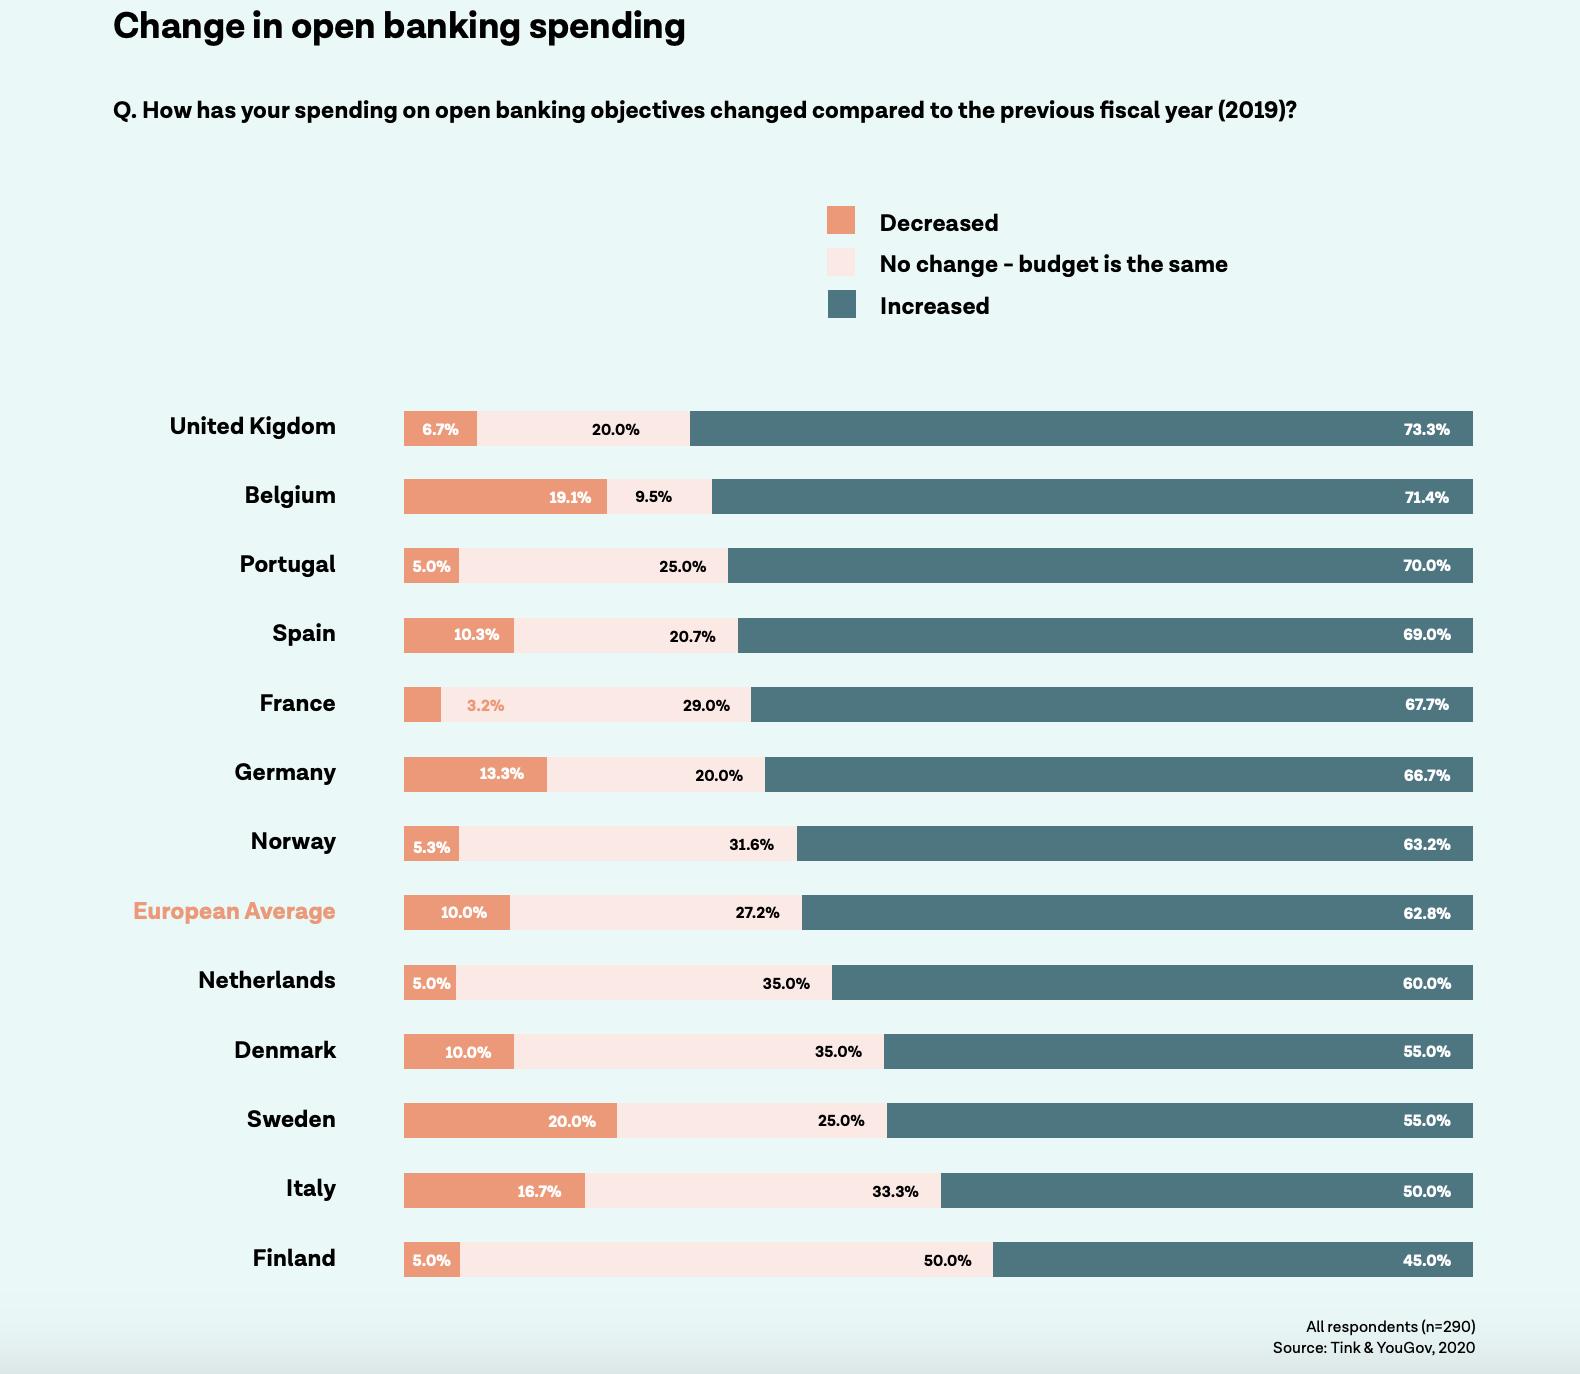 Change in open banking spending